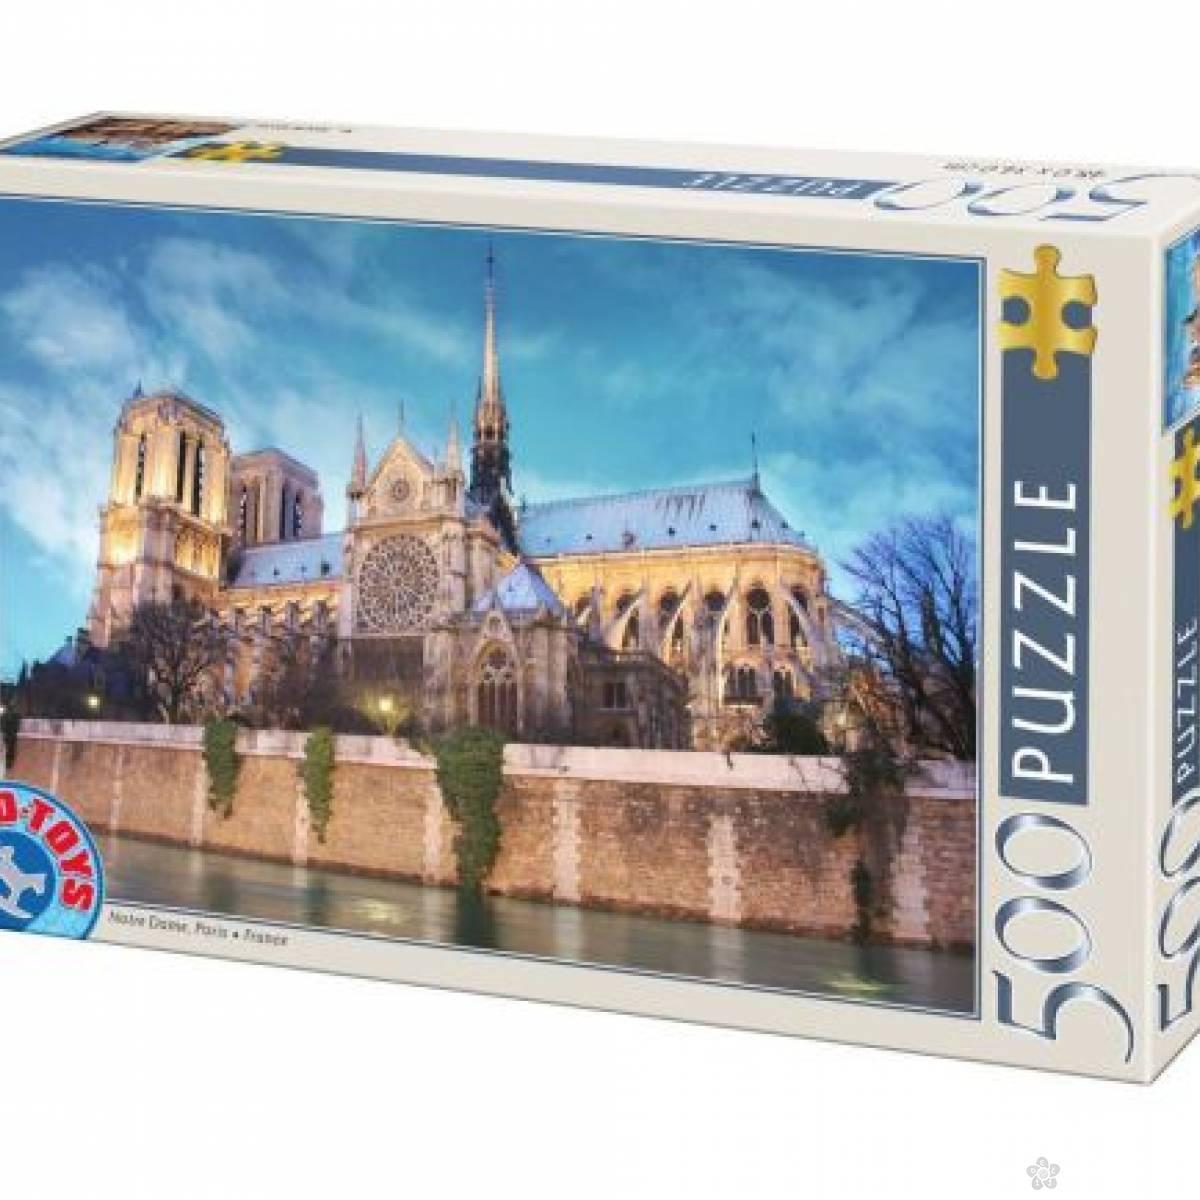 Puzzla Notre Dame Cathedrale 500pcs 07/50328-34